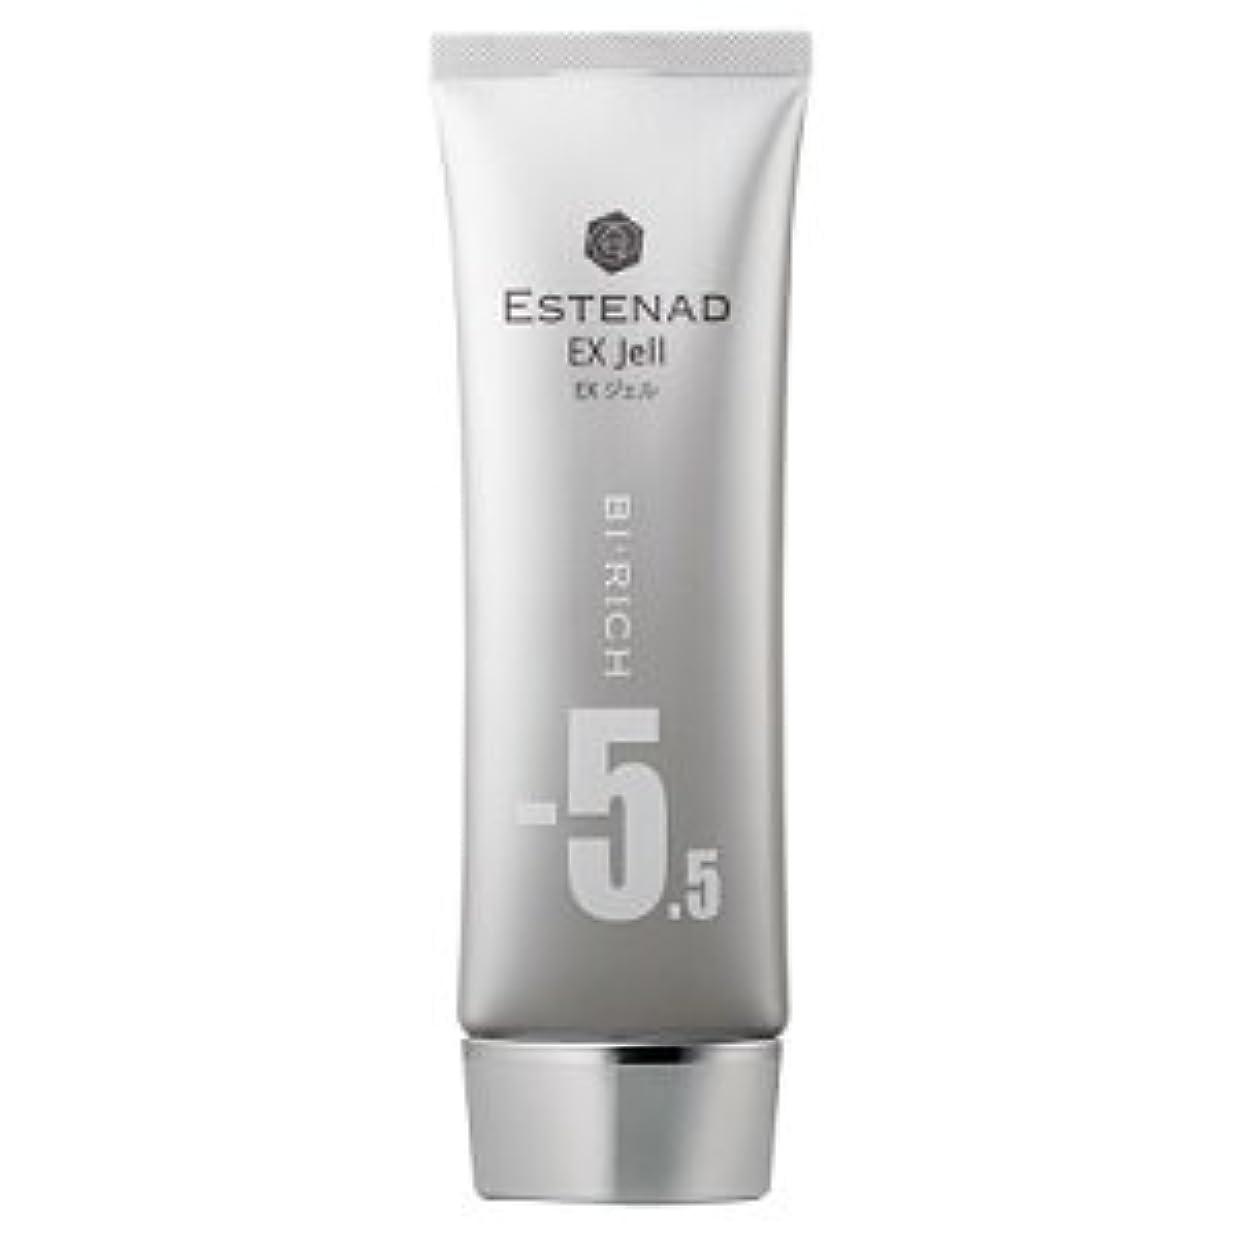 含める使用法行くエステナード EX リッチジェル 70g ジェル状保湿クリーム